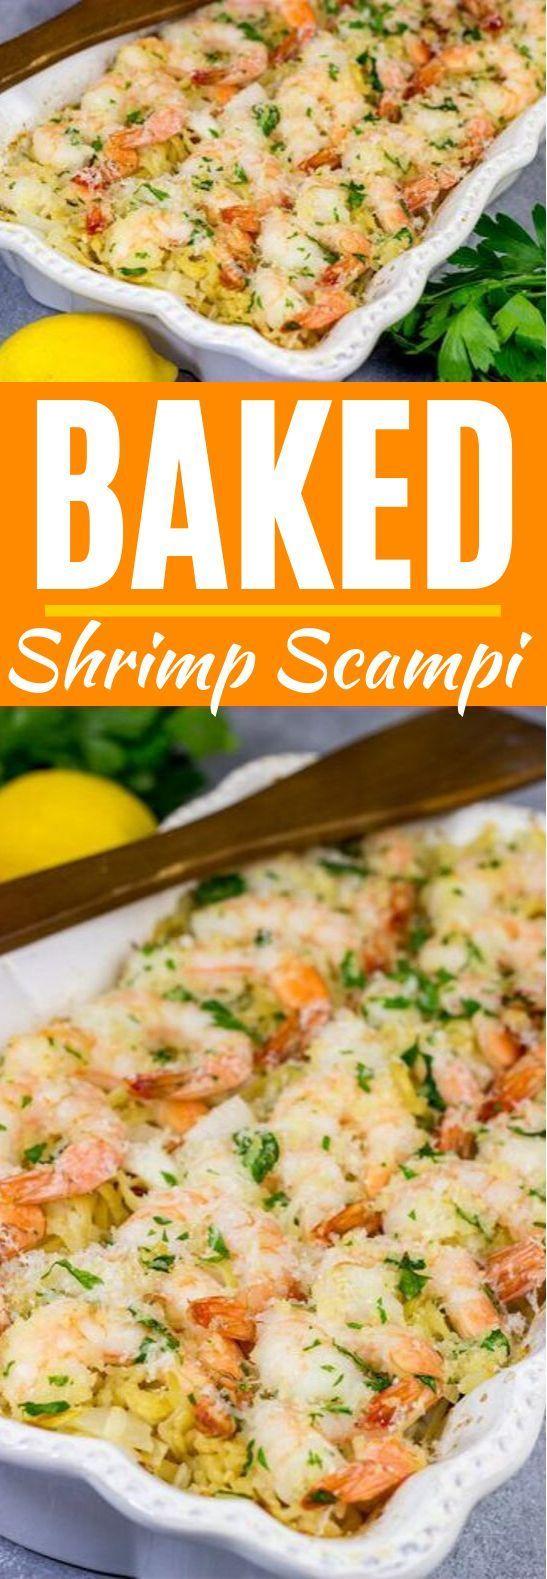 Baked Shrimp Scampi #shrimp #dinner #comfortfood #seafood #recipes #shrimpscampi Baked Shrimp Scampi #shrimp #dinner #comfortfood #seafood #recipes #shrimpscampi